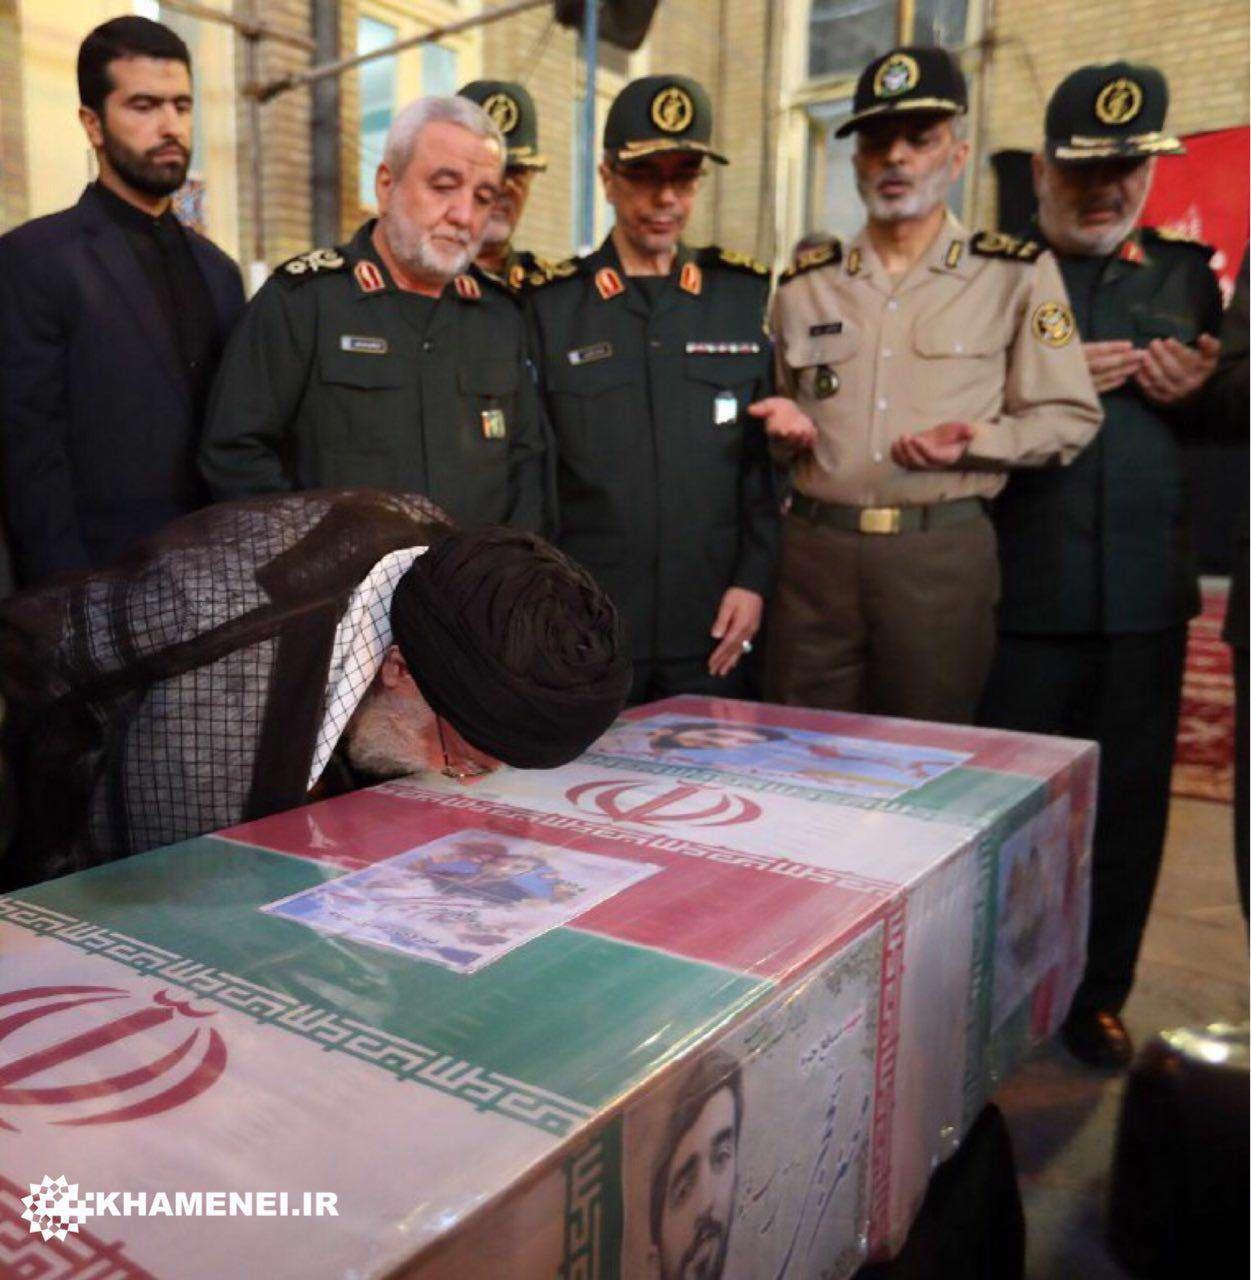 سحرگاه امروز؛ بوسه رهبر انقلاب بر تابوت شهید محسن حججی، مدافع حرم اهل بیت علیهمالسلام